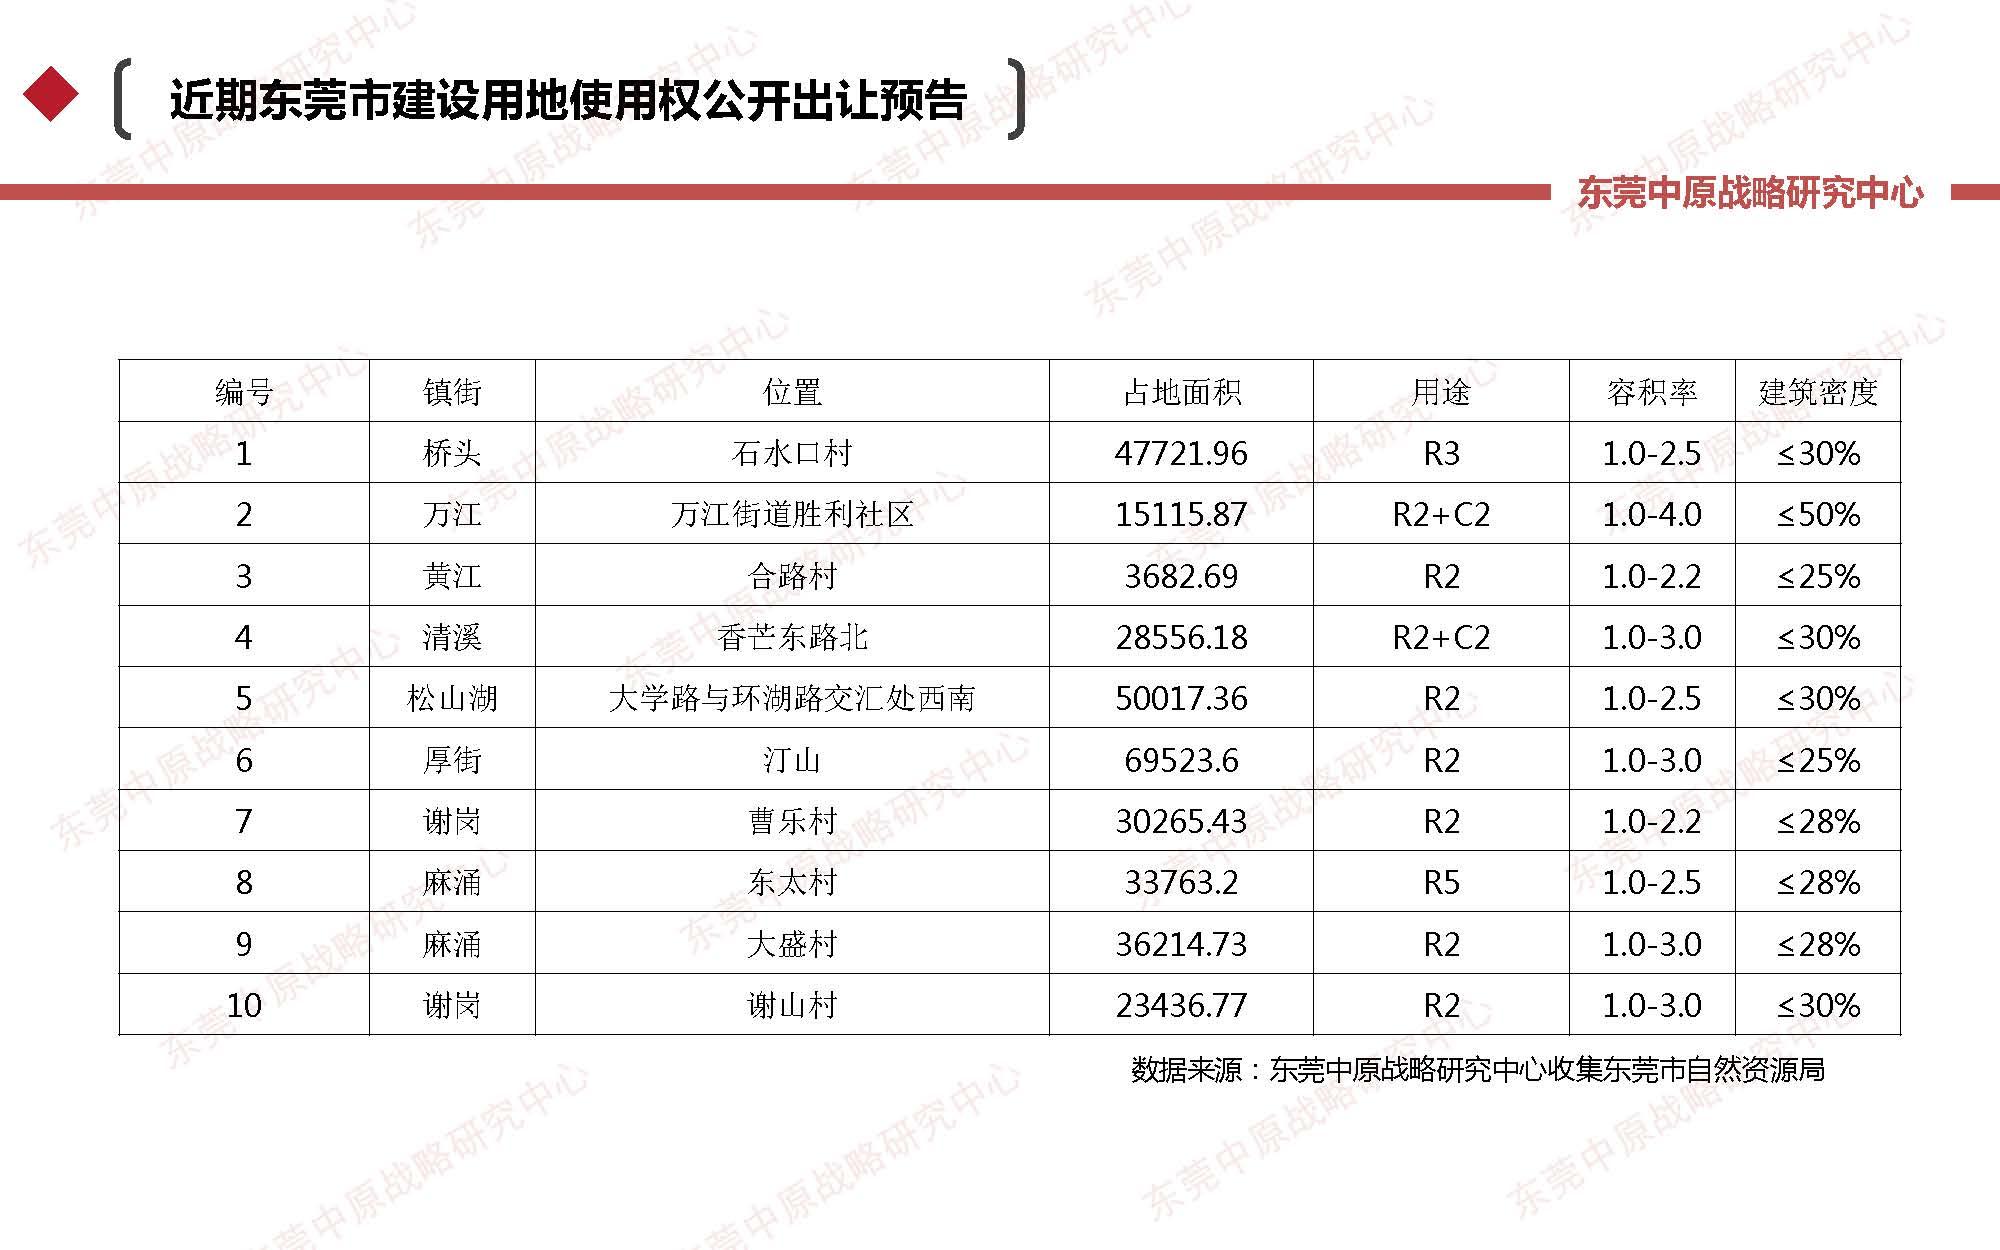 东莞中原战略研究中心:2019年7月东莞房地产市场分析报告 【客户版】_页面_19.jpg